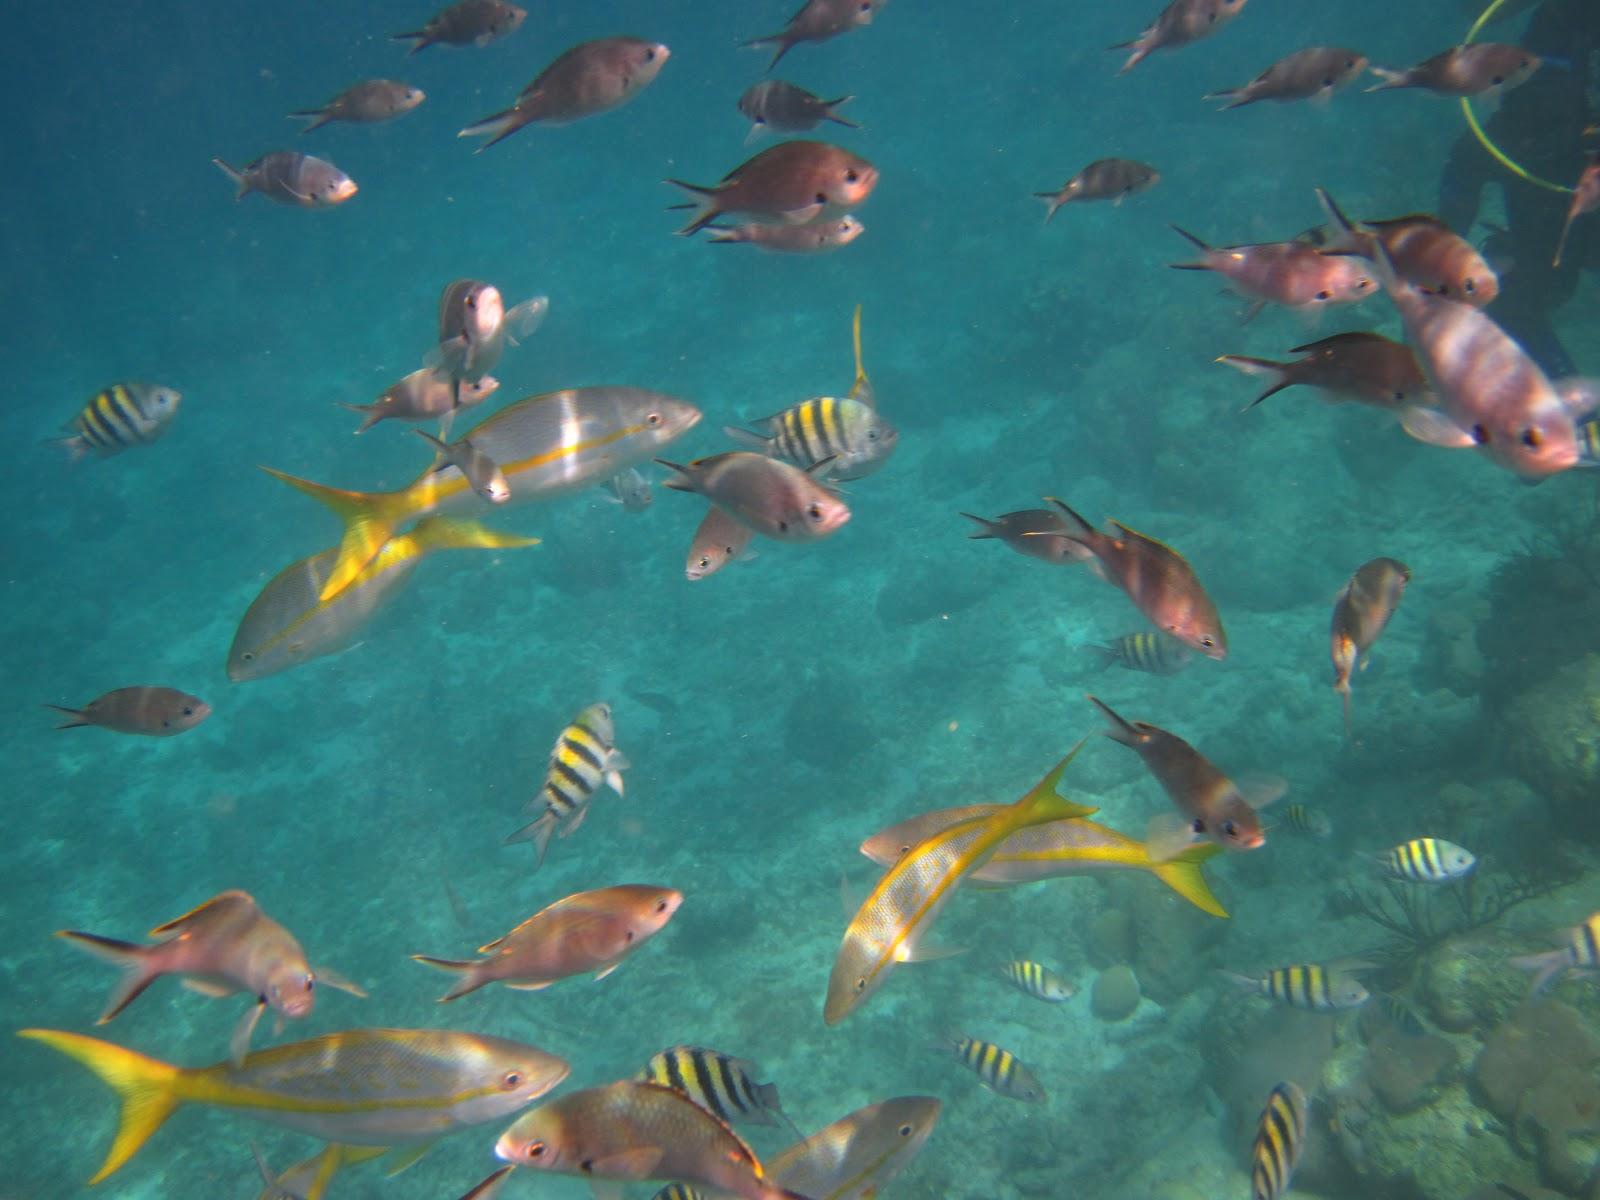 Kerstvakantie op Curaçao: december 2012  Tarpon